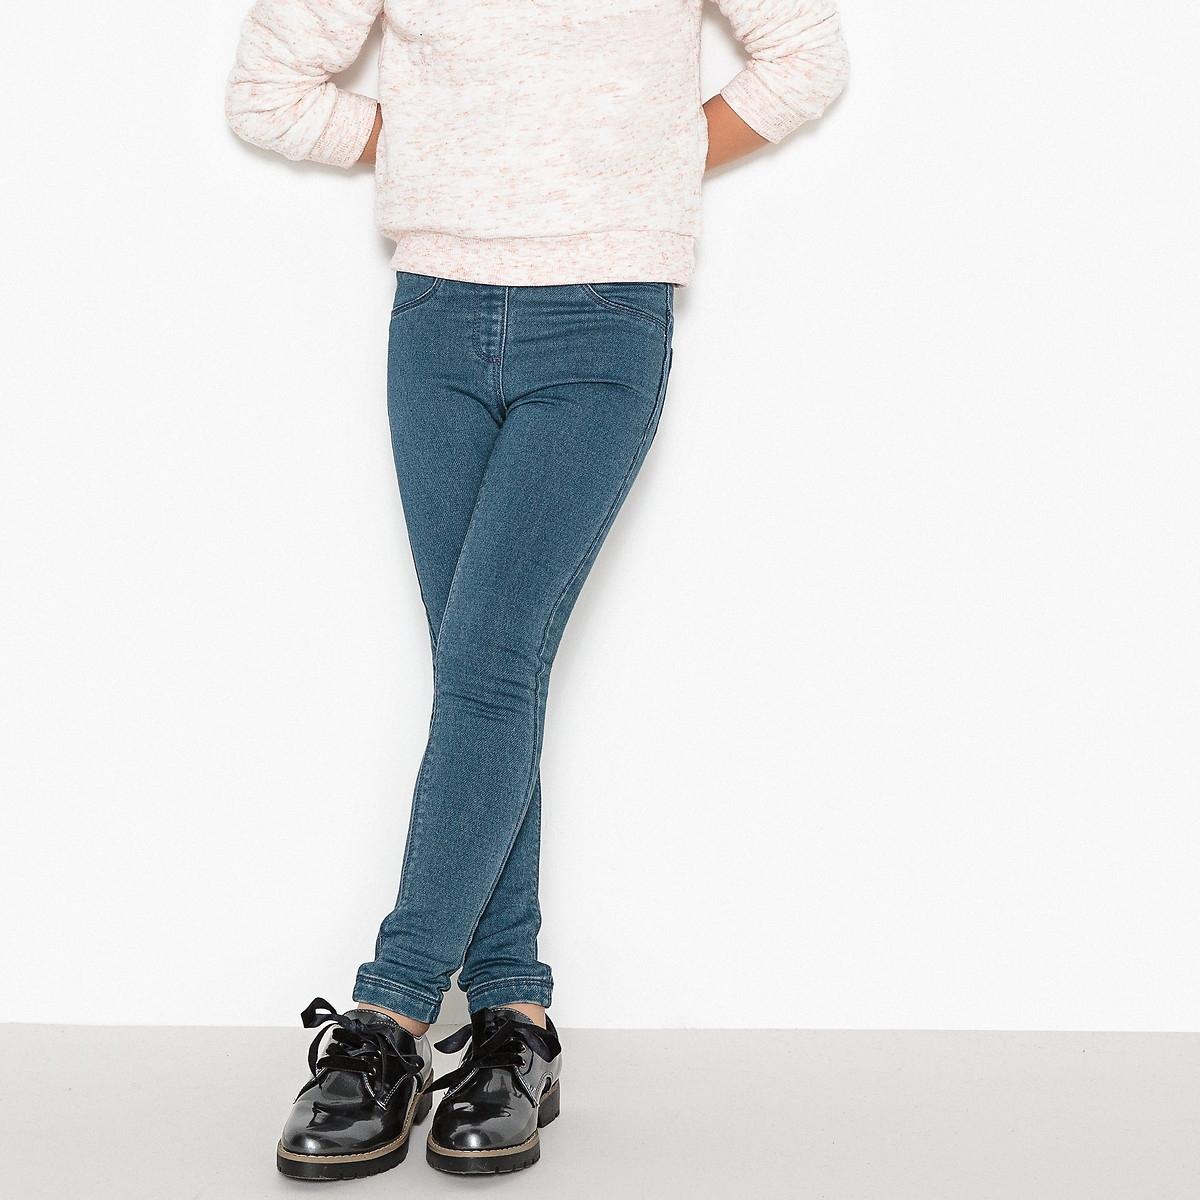 Фото - Джеггинсы LaRedoute Из денима 3-12 лет 8 лет - 126 см синий юбка laredoute прямая из легкого денима 3 12 лет 3 года 94 см синий